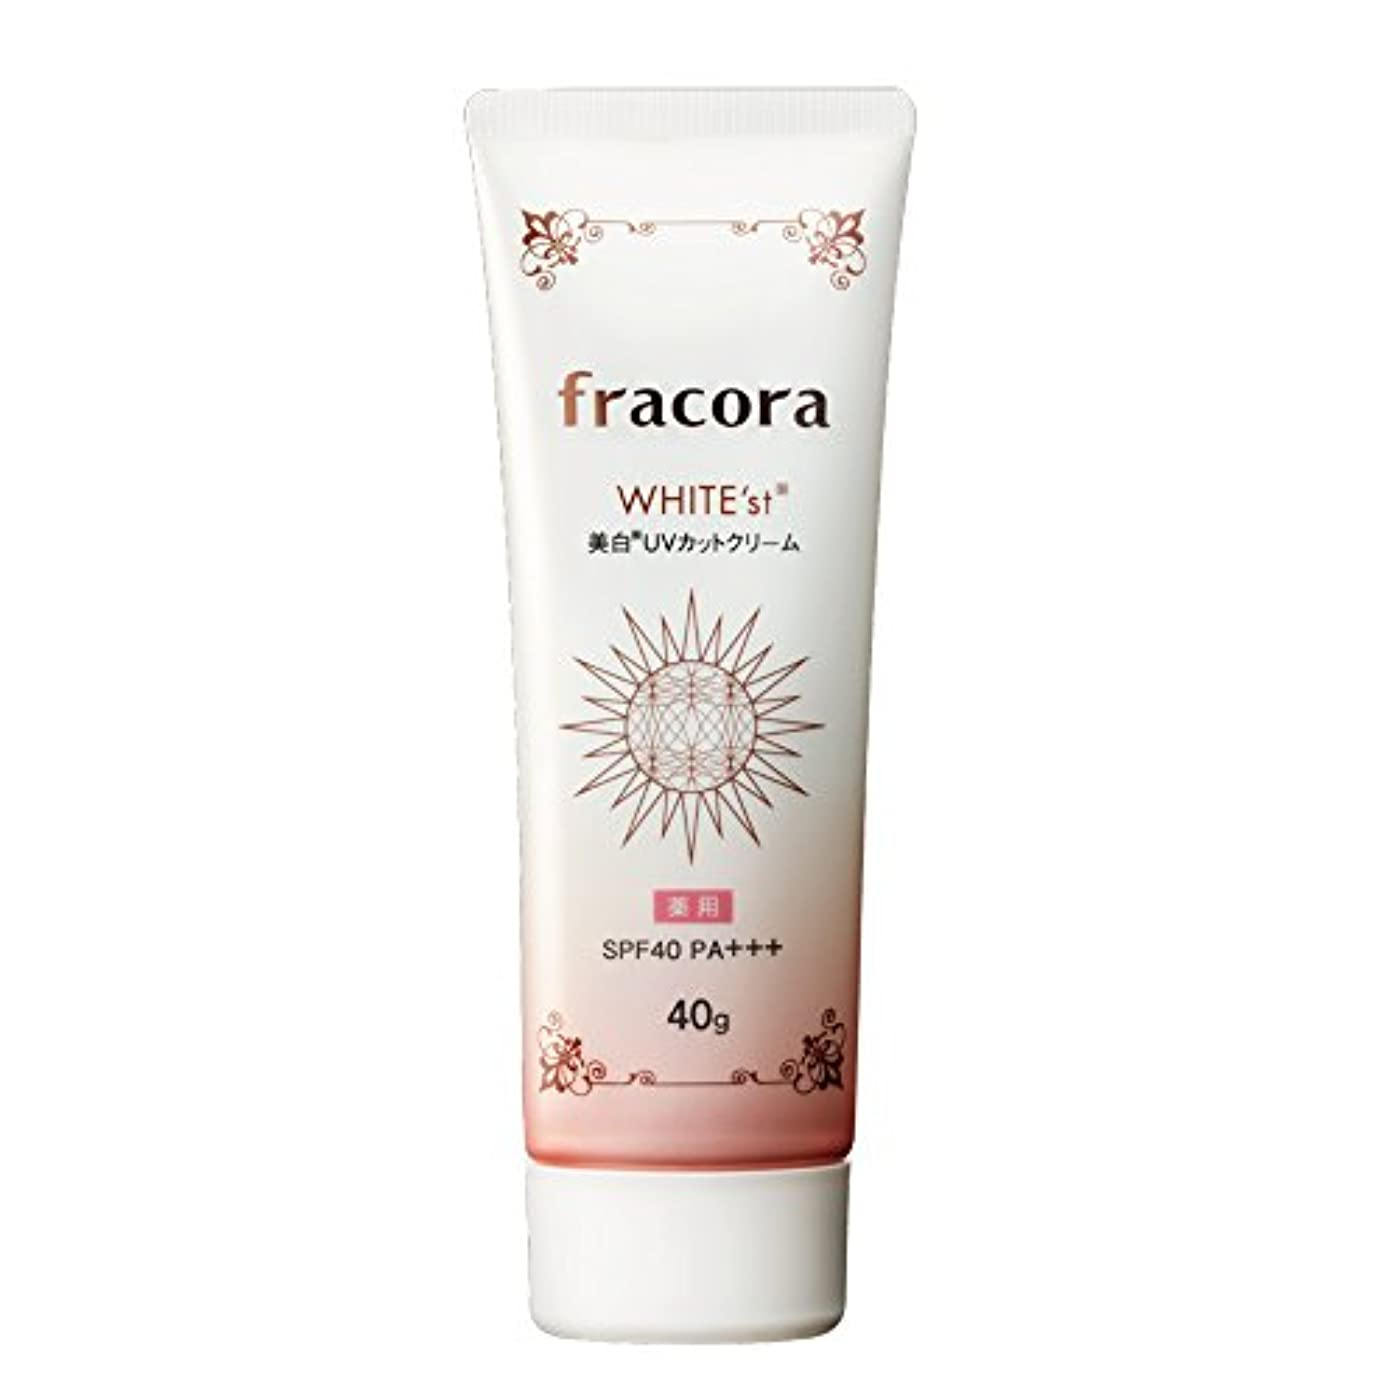 請求書いわゆるぼかすfracora(フラコラ) ホワイテスト 美白UVカットクリーム 40g